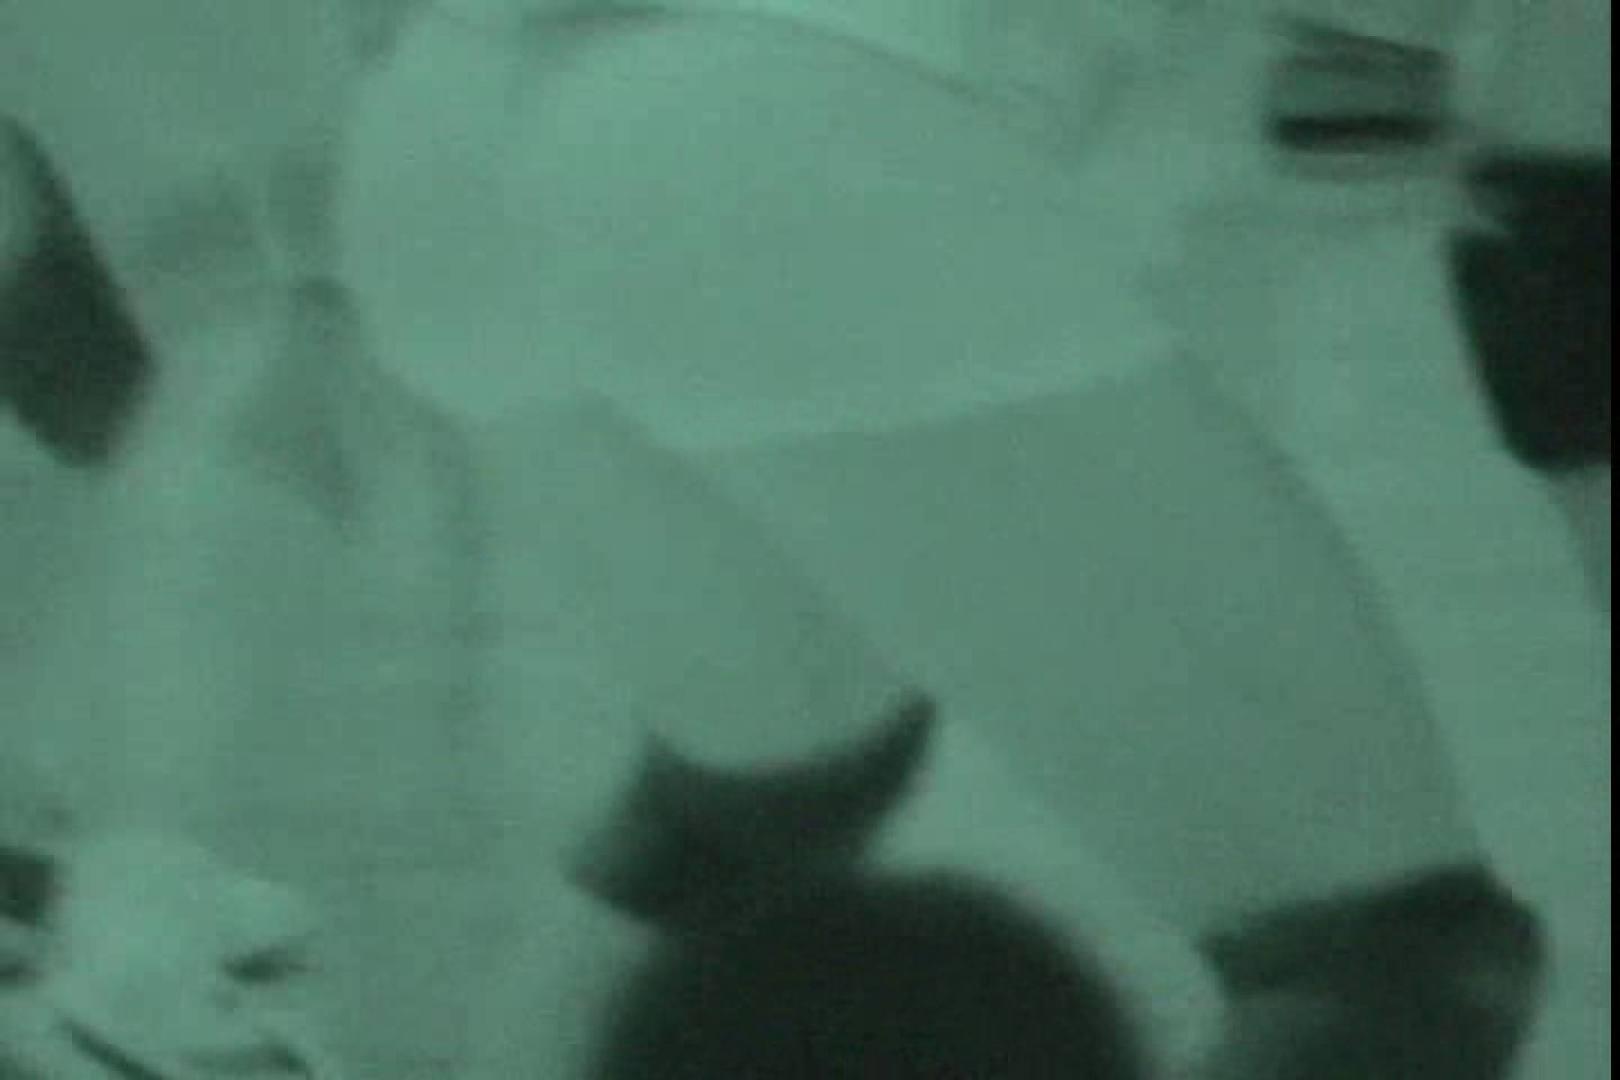 赤外線ムレスケバレー(汗) vol.04 OLのエロ生活 性交動画流出 99連発 95